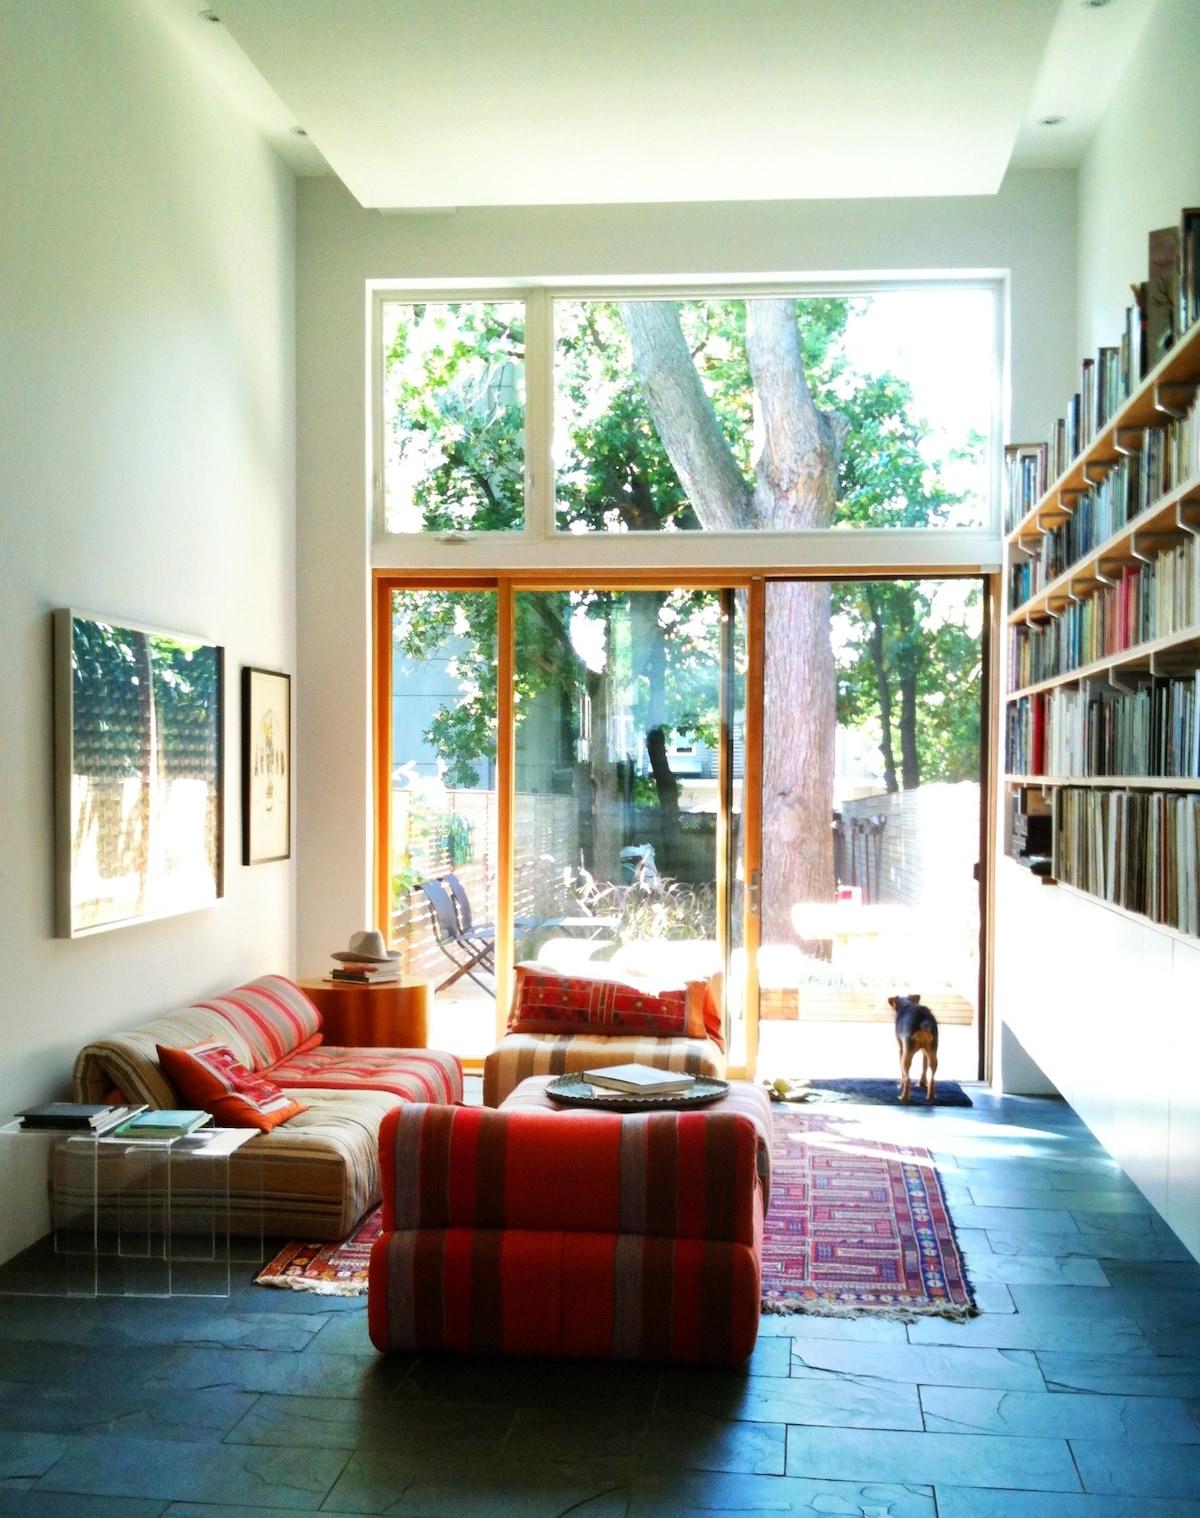 Living Room with door to deck and garden.